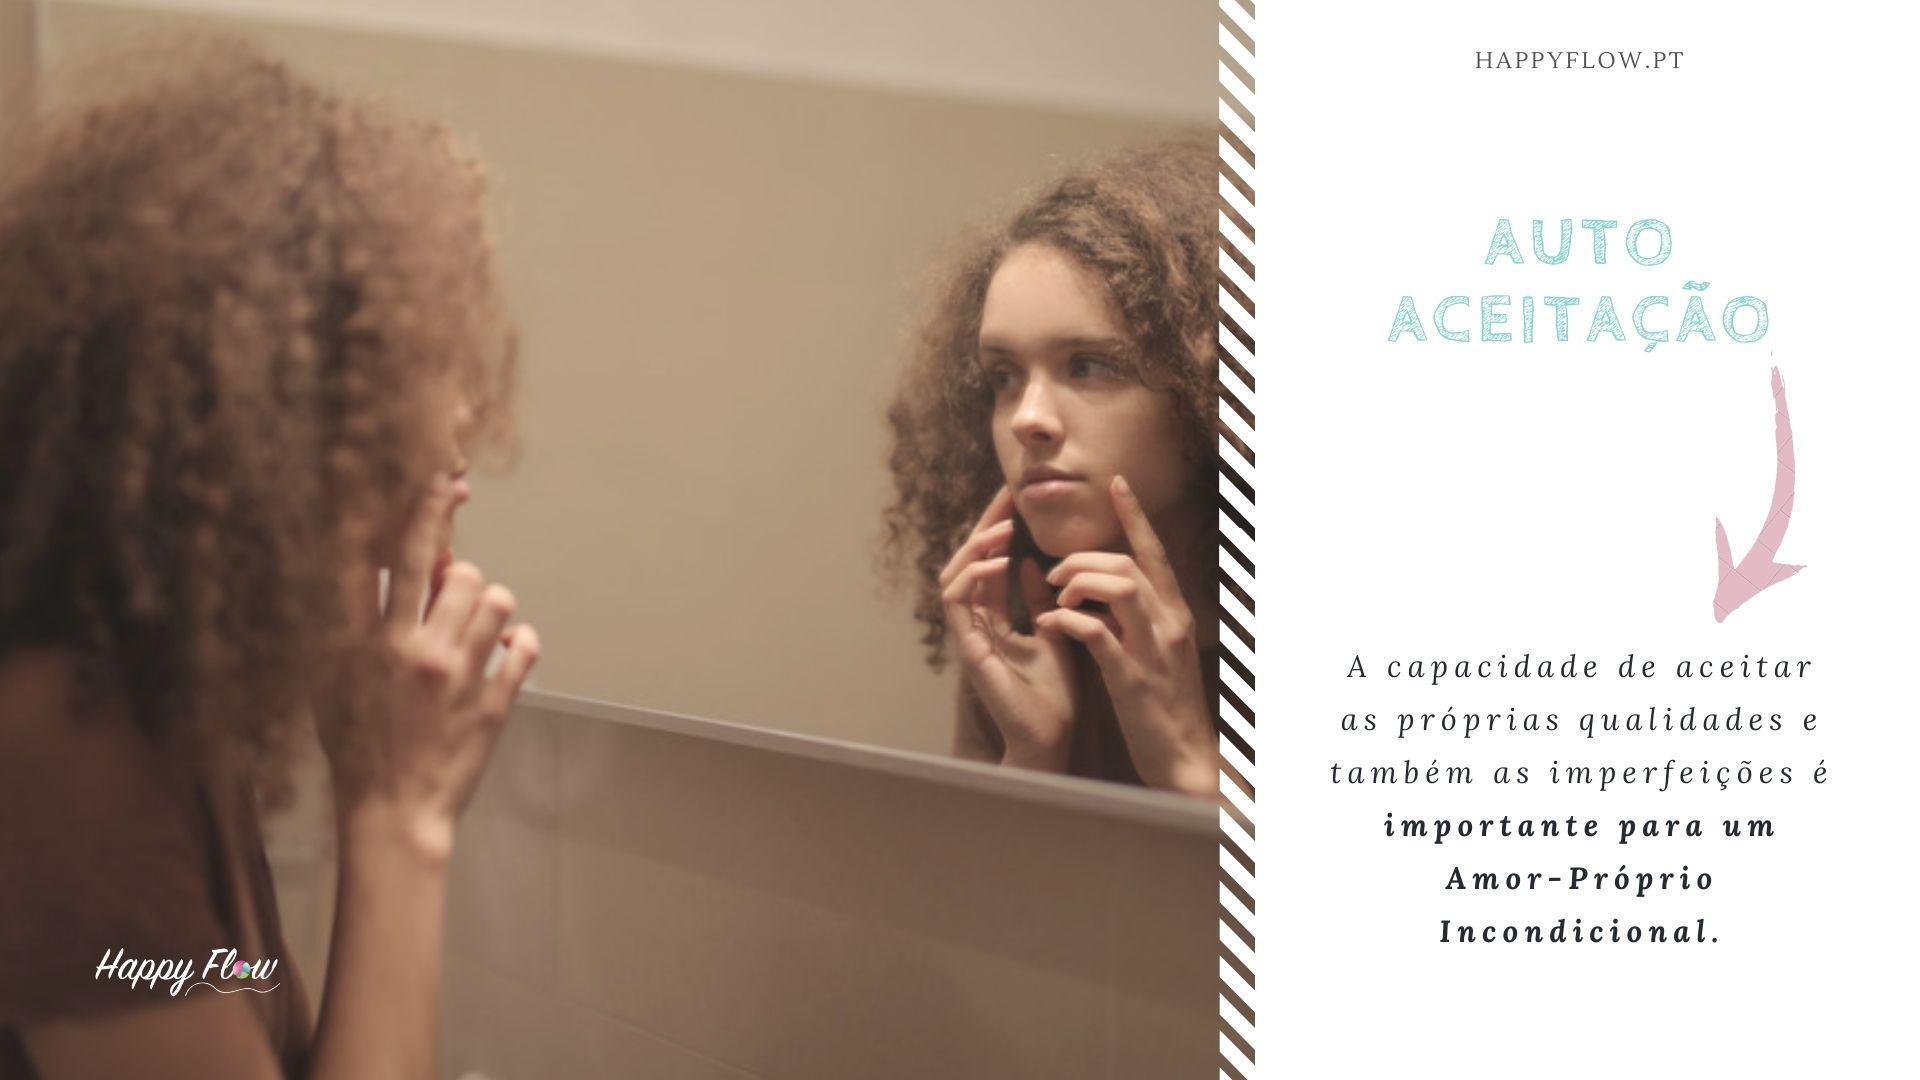 A autoaceitação é fundamental para cultivar o amor-próprio